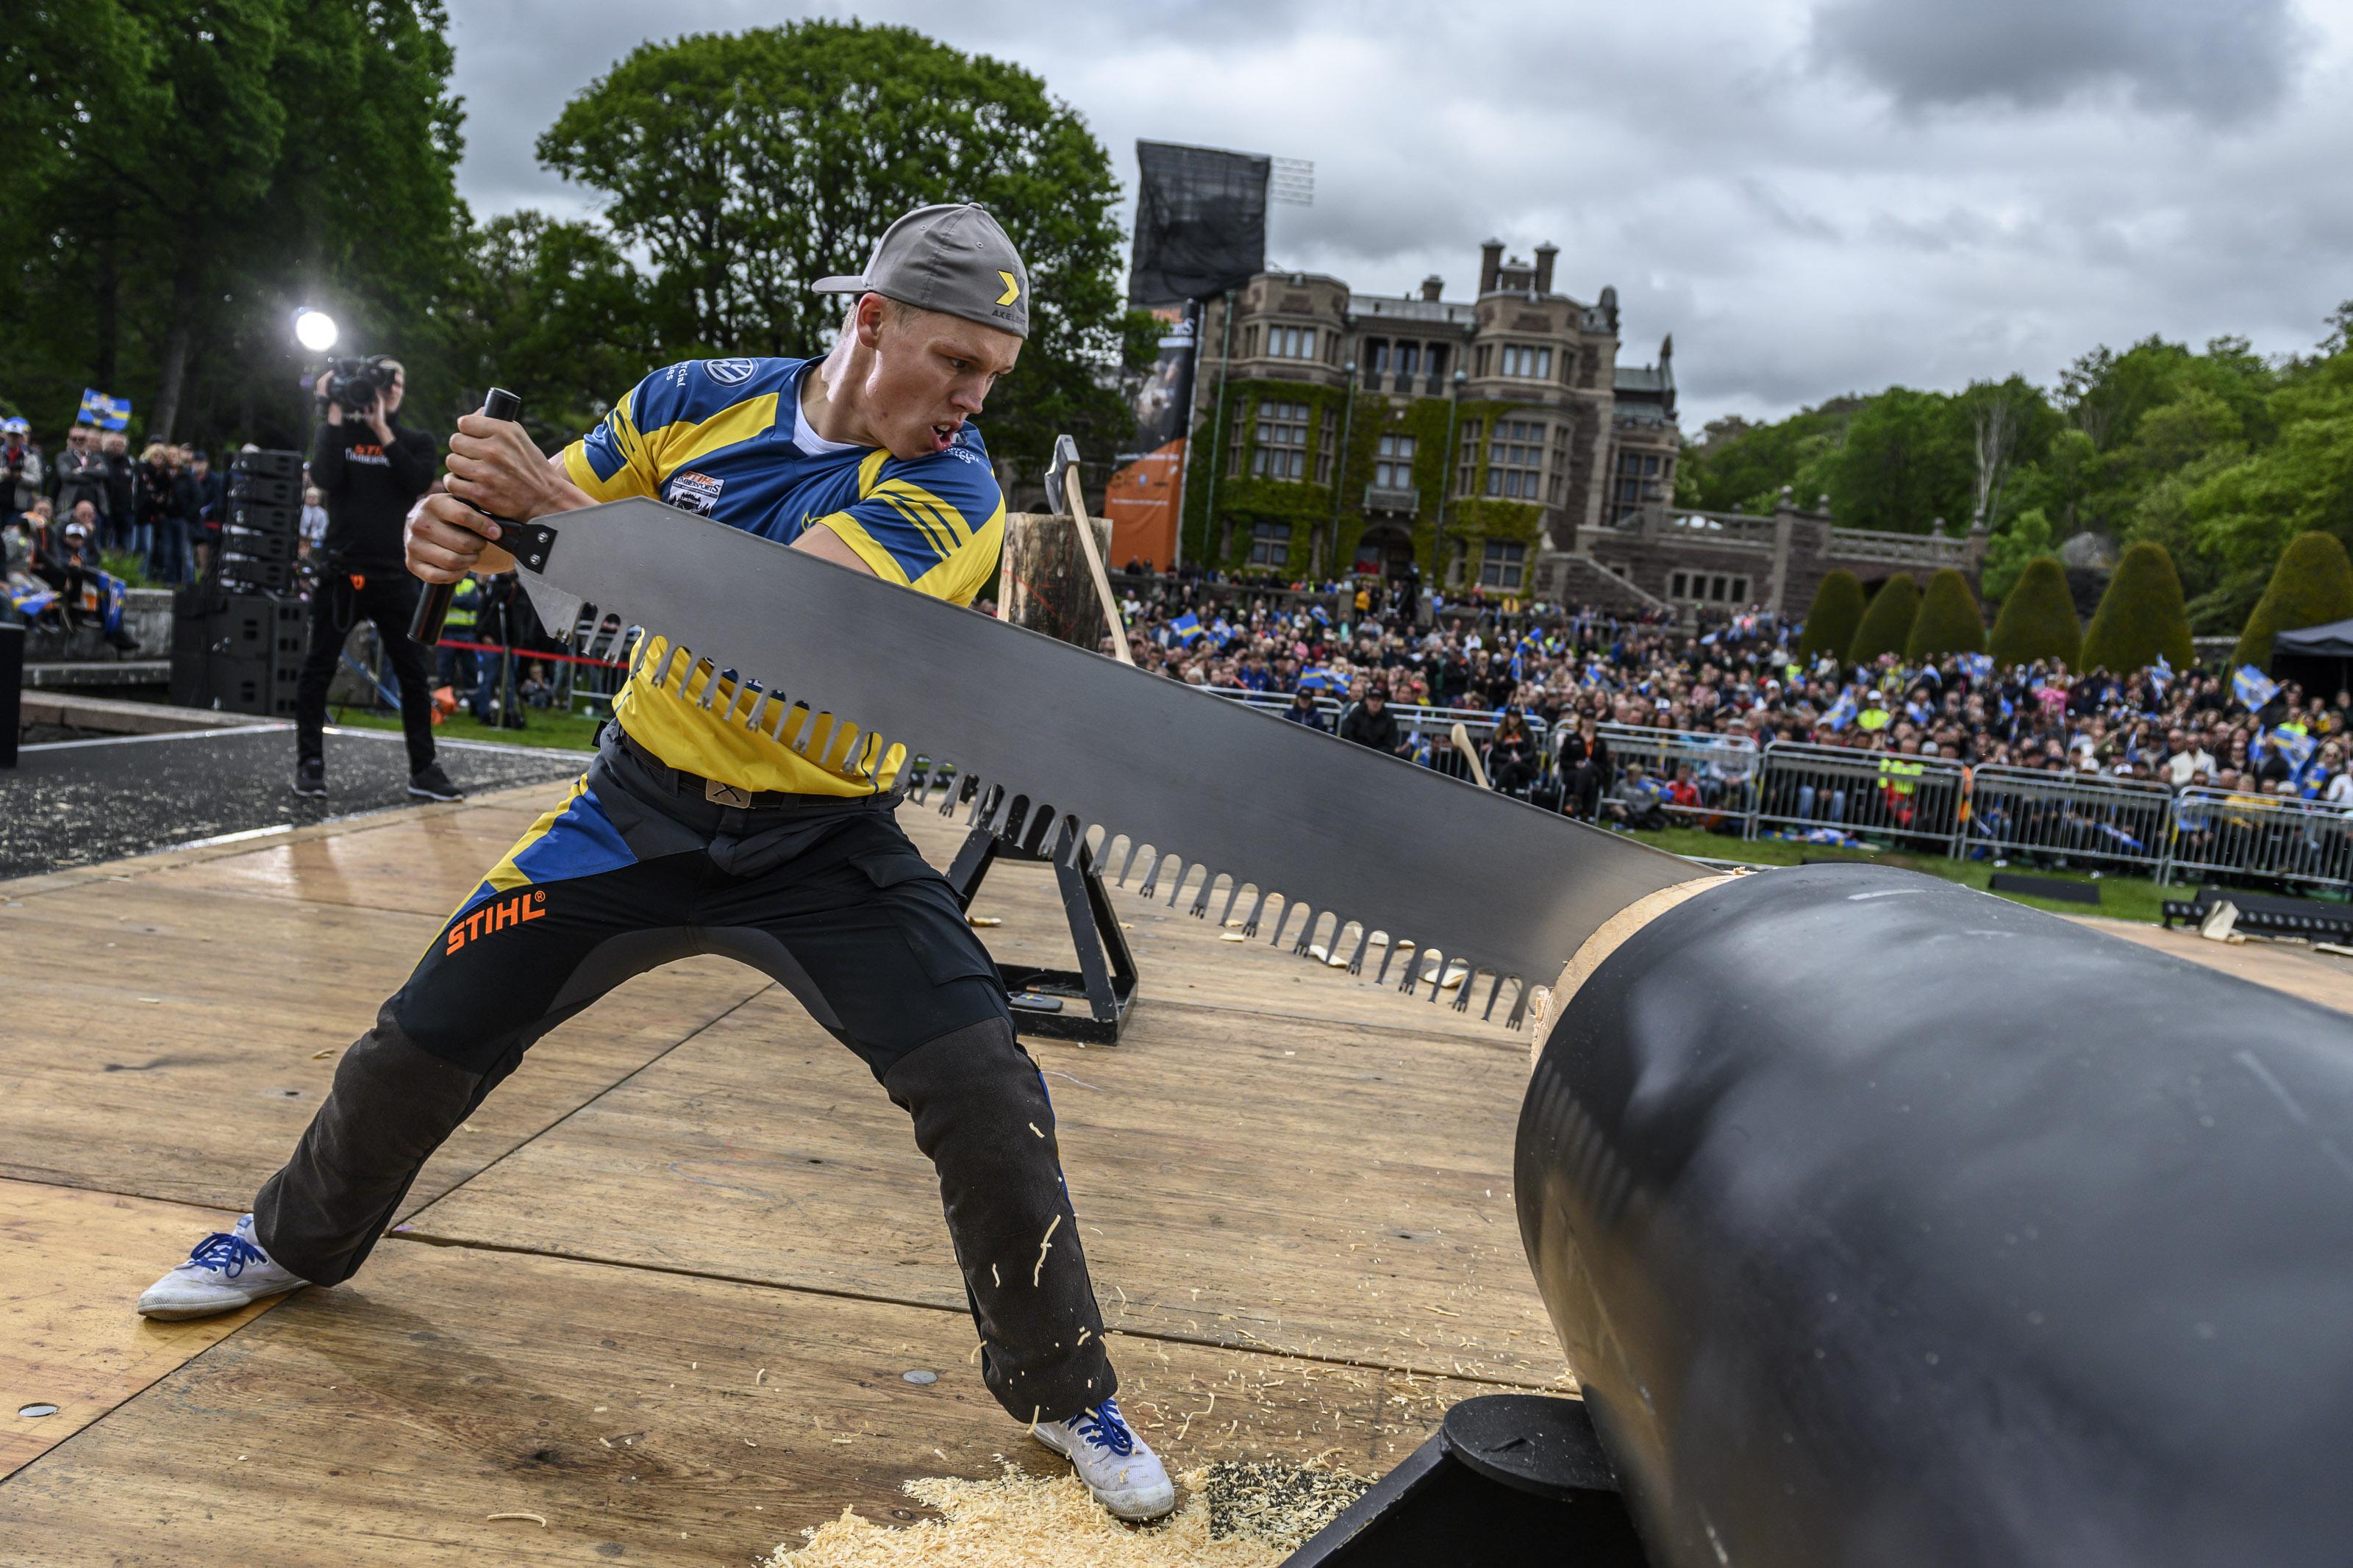 c377d751 Timbersports: Ferry Svan slog nytt personligt rekord och blev sexa och Emil  Hansson tog brons